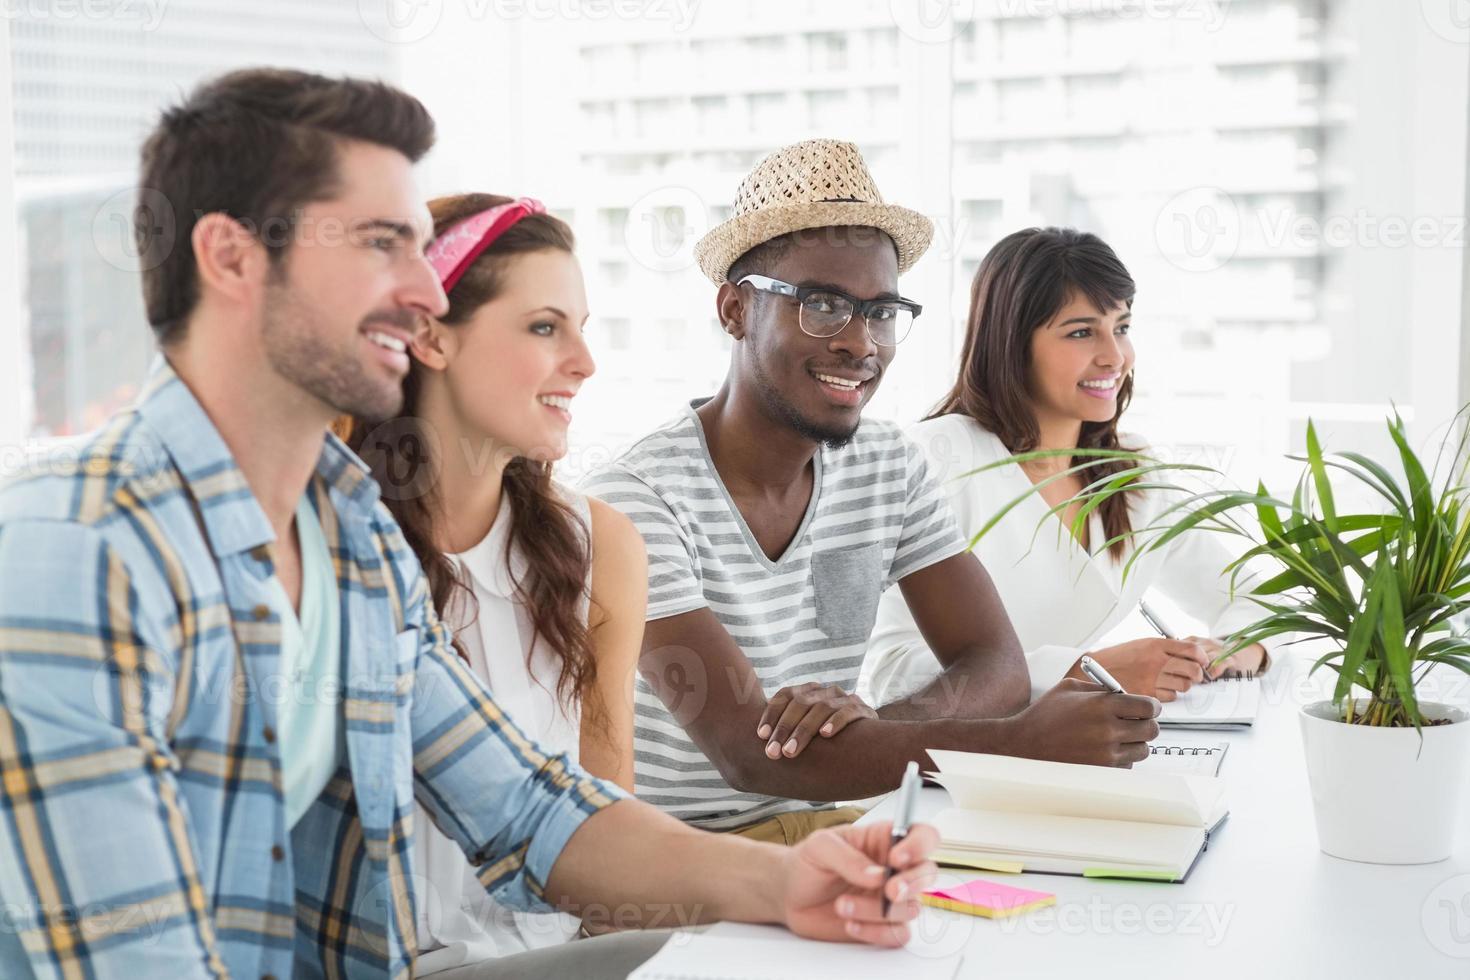 sorrindo, trabalho em equipe, sentado e anotando foto